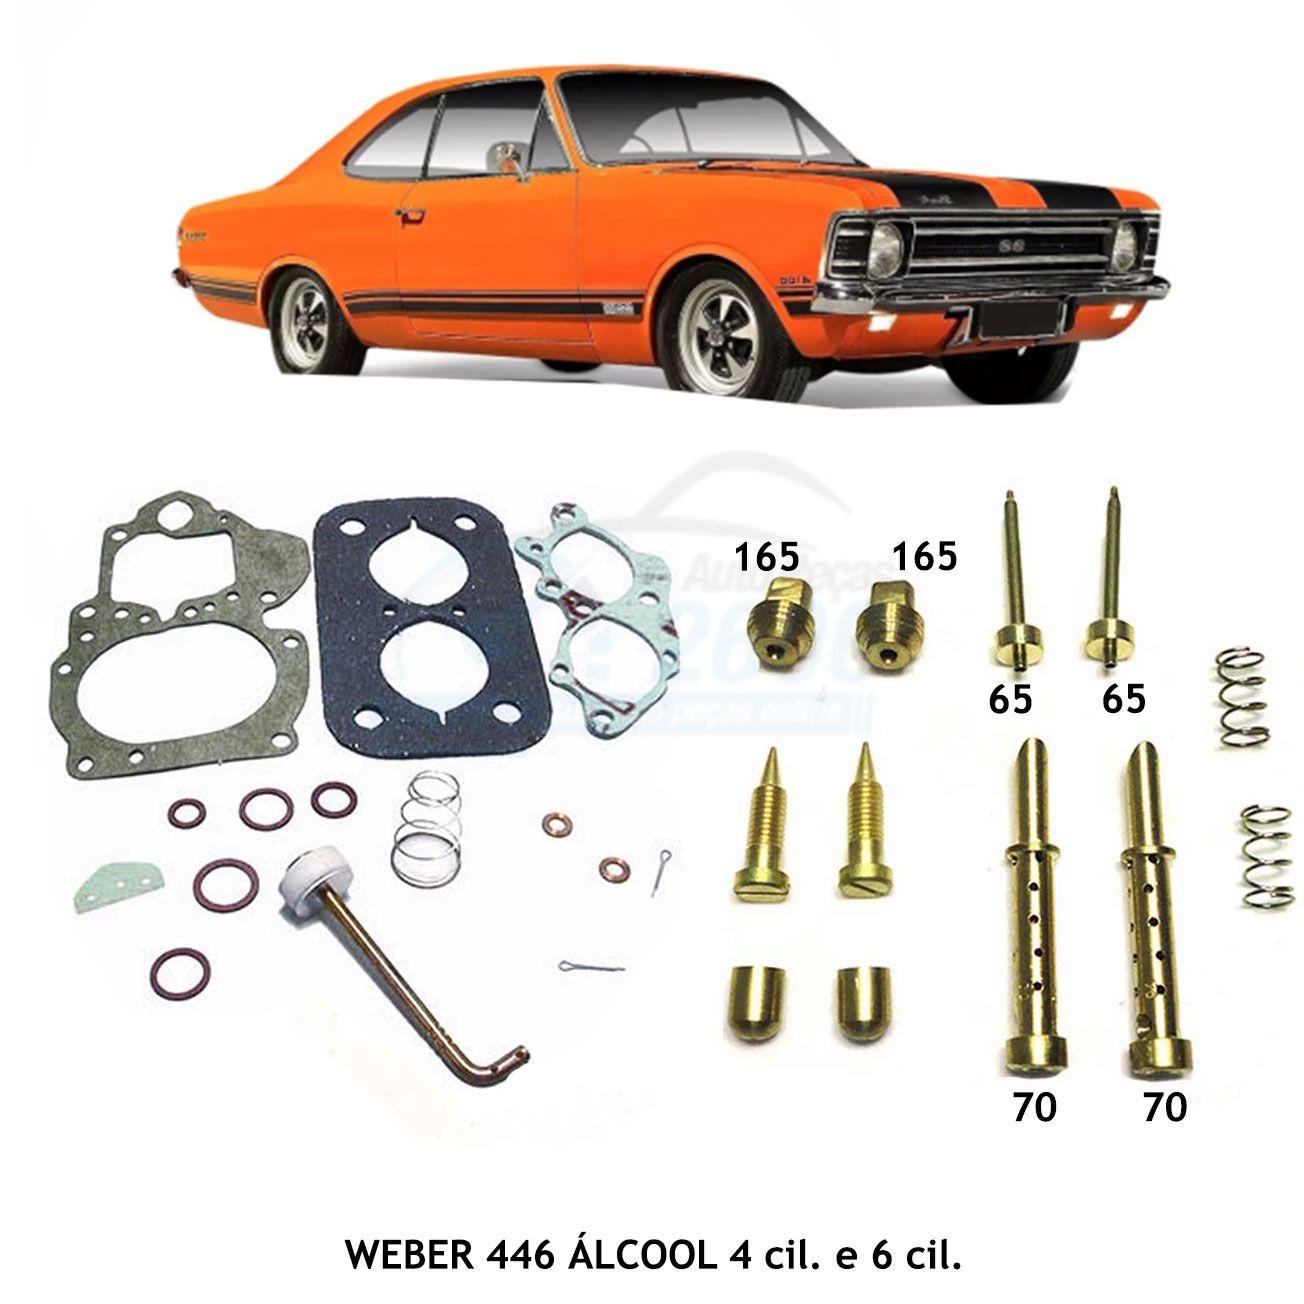 Reparo Jogo Juntas e Kit Gicle Carburador Weber 446 DFV Opala Caravan 4 cil 6 cil Álcool